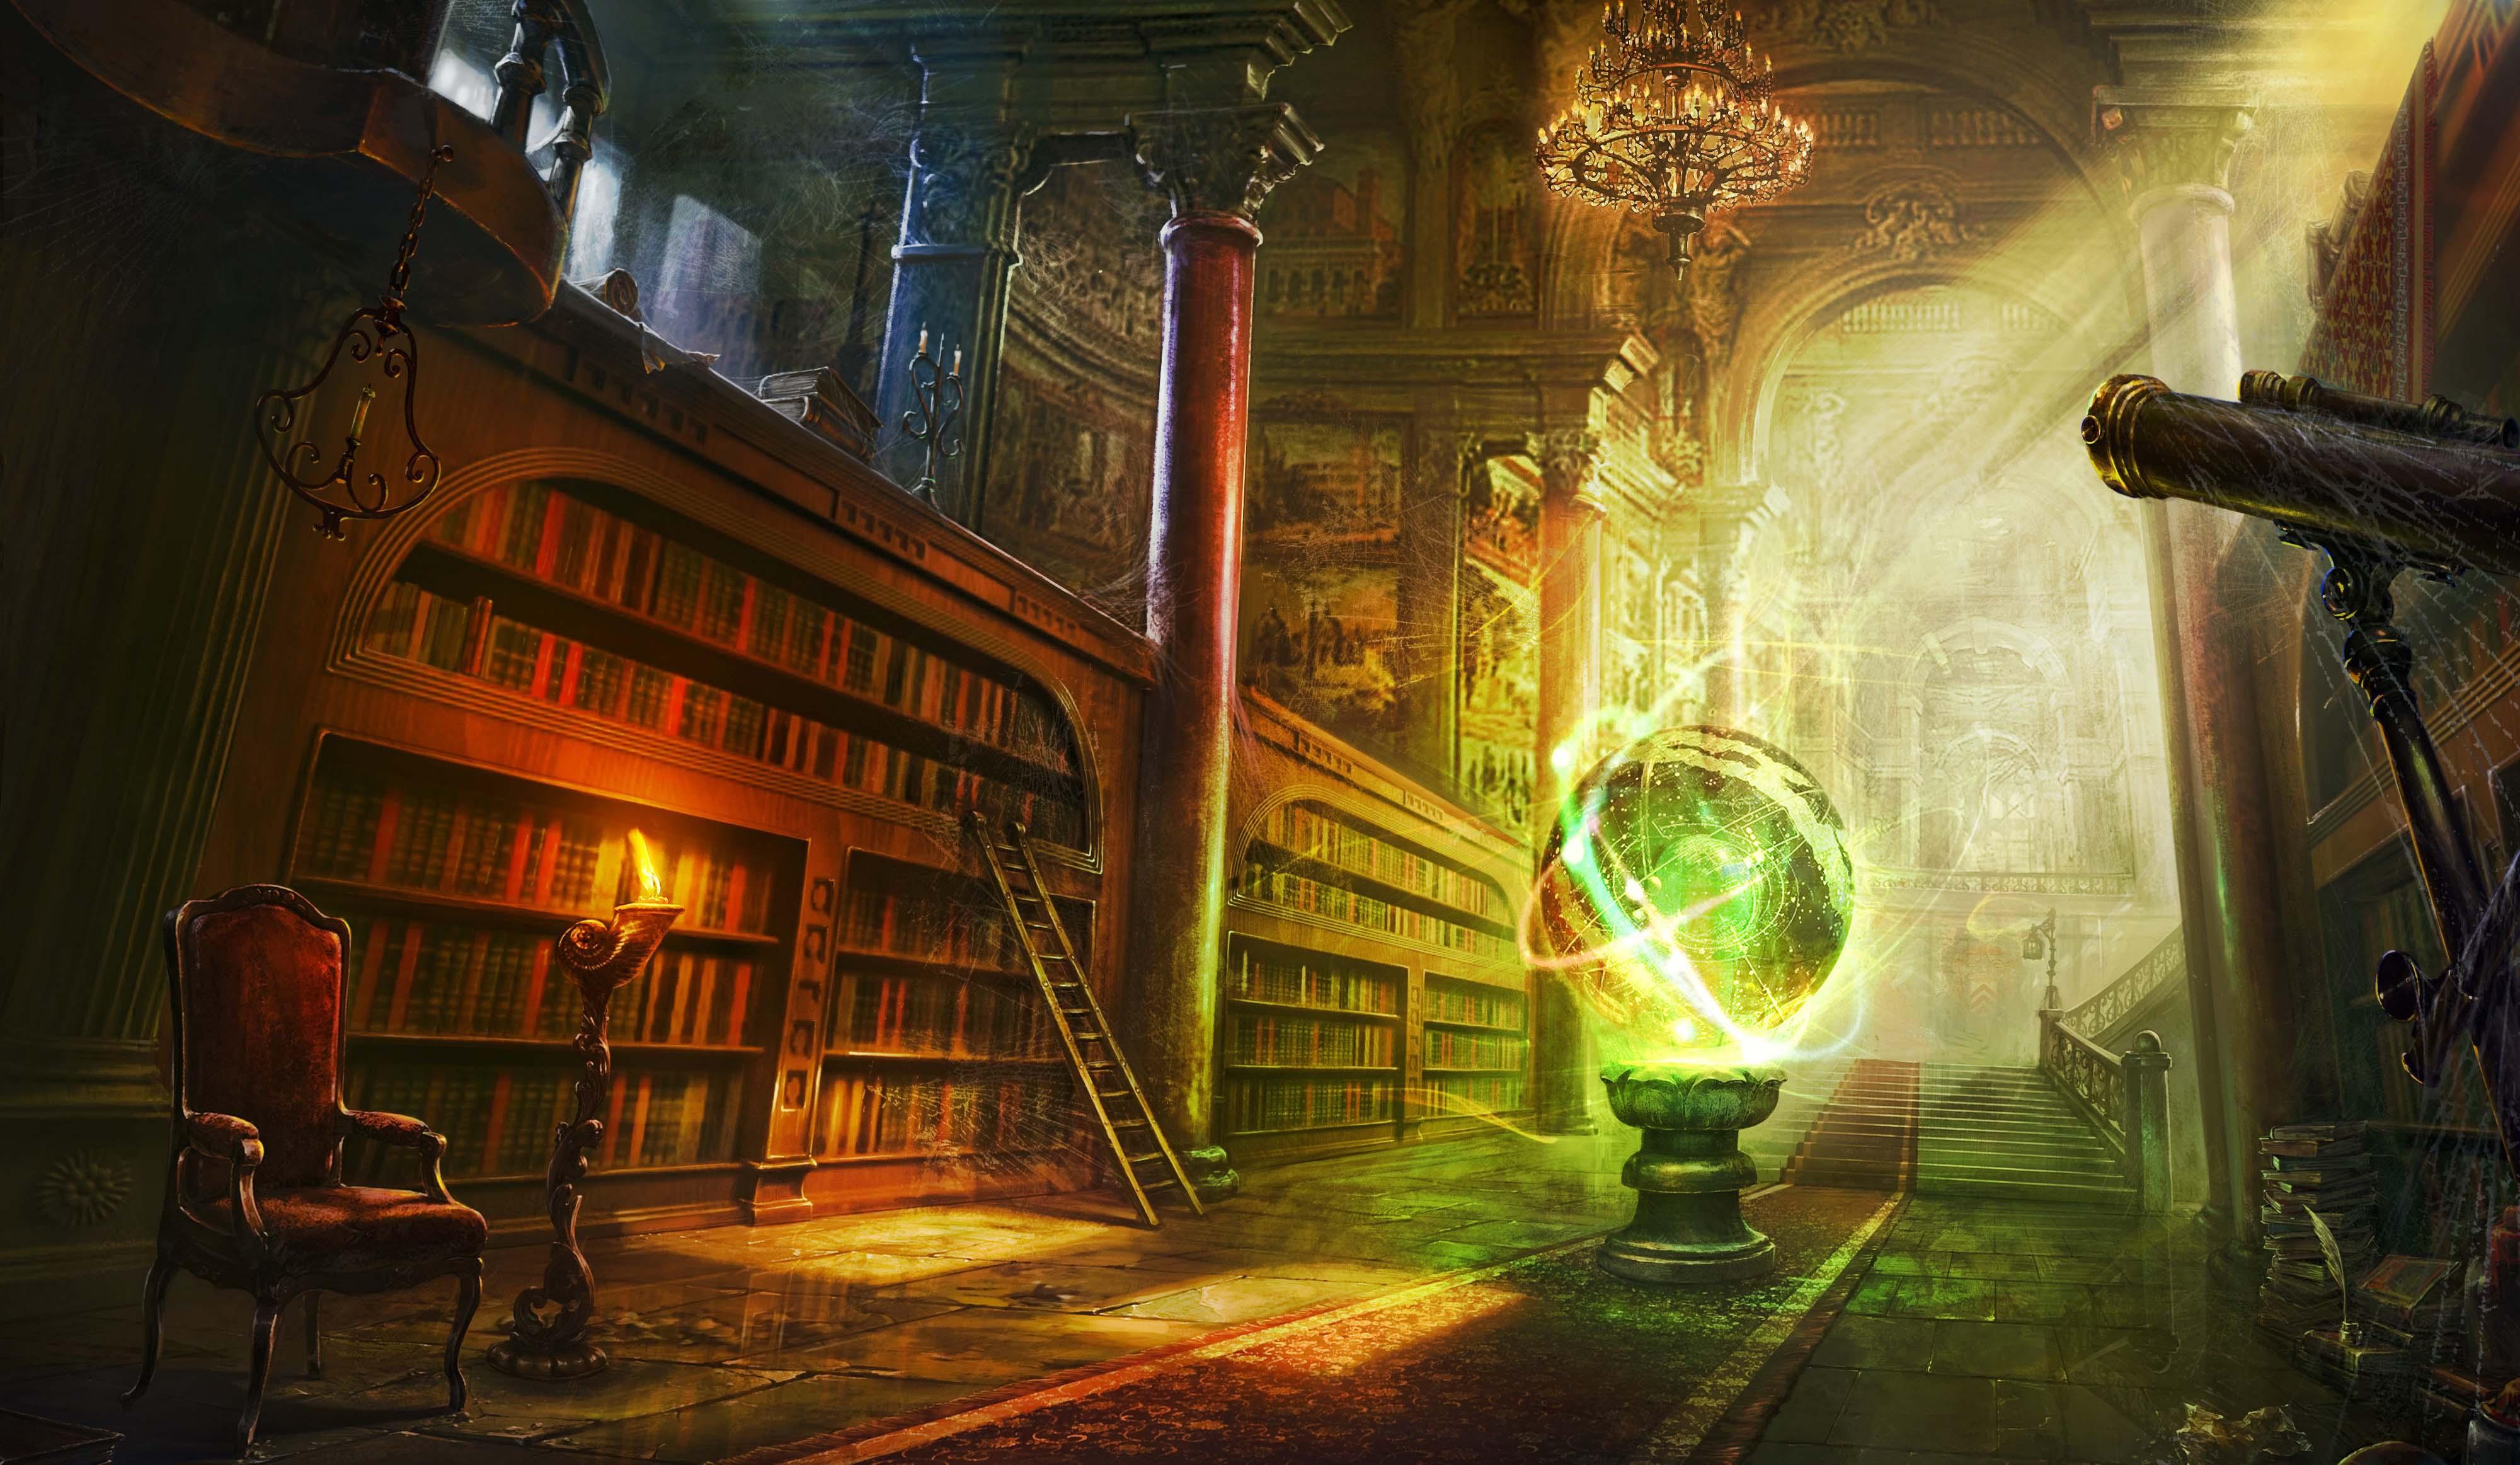 Fantasy-library-art.jpg